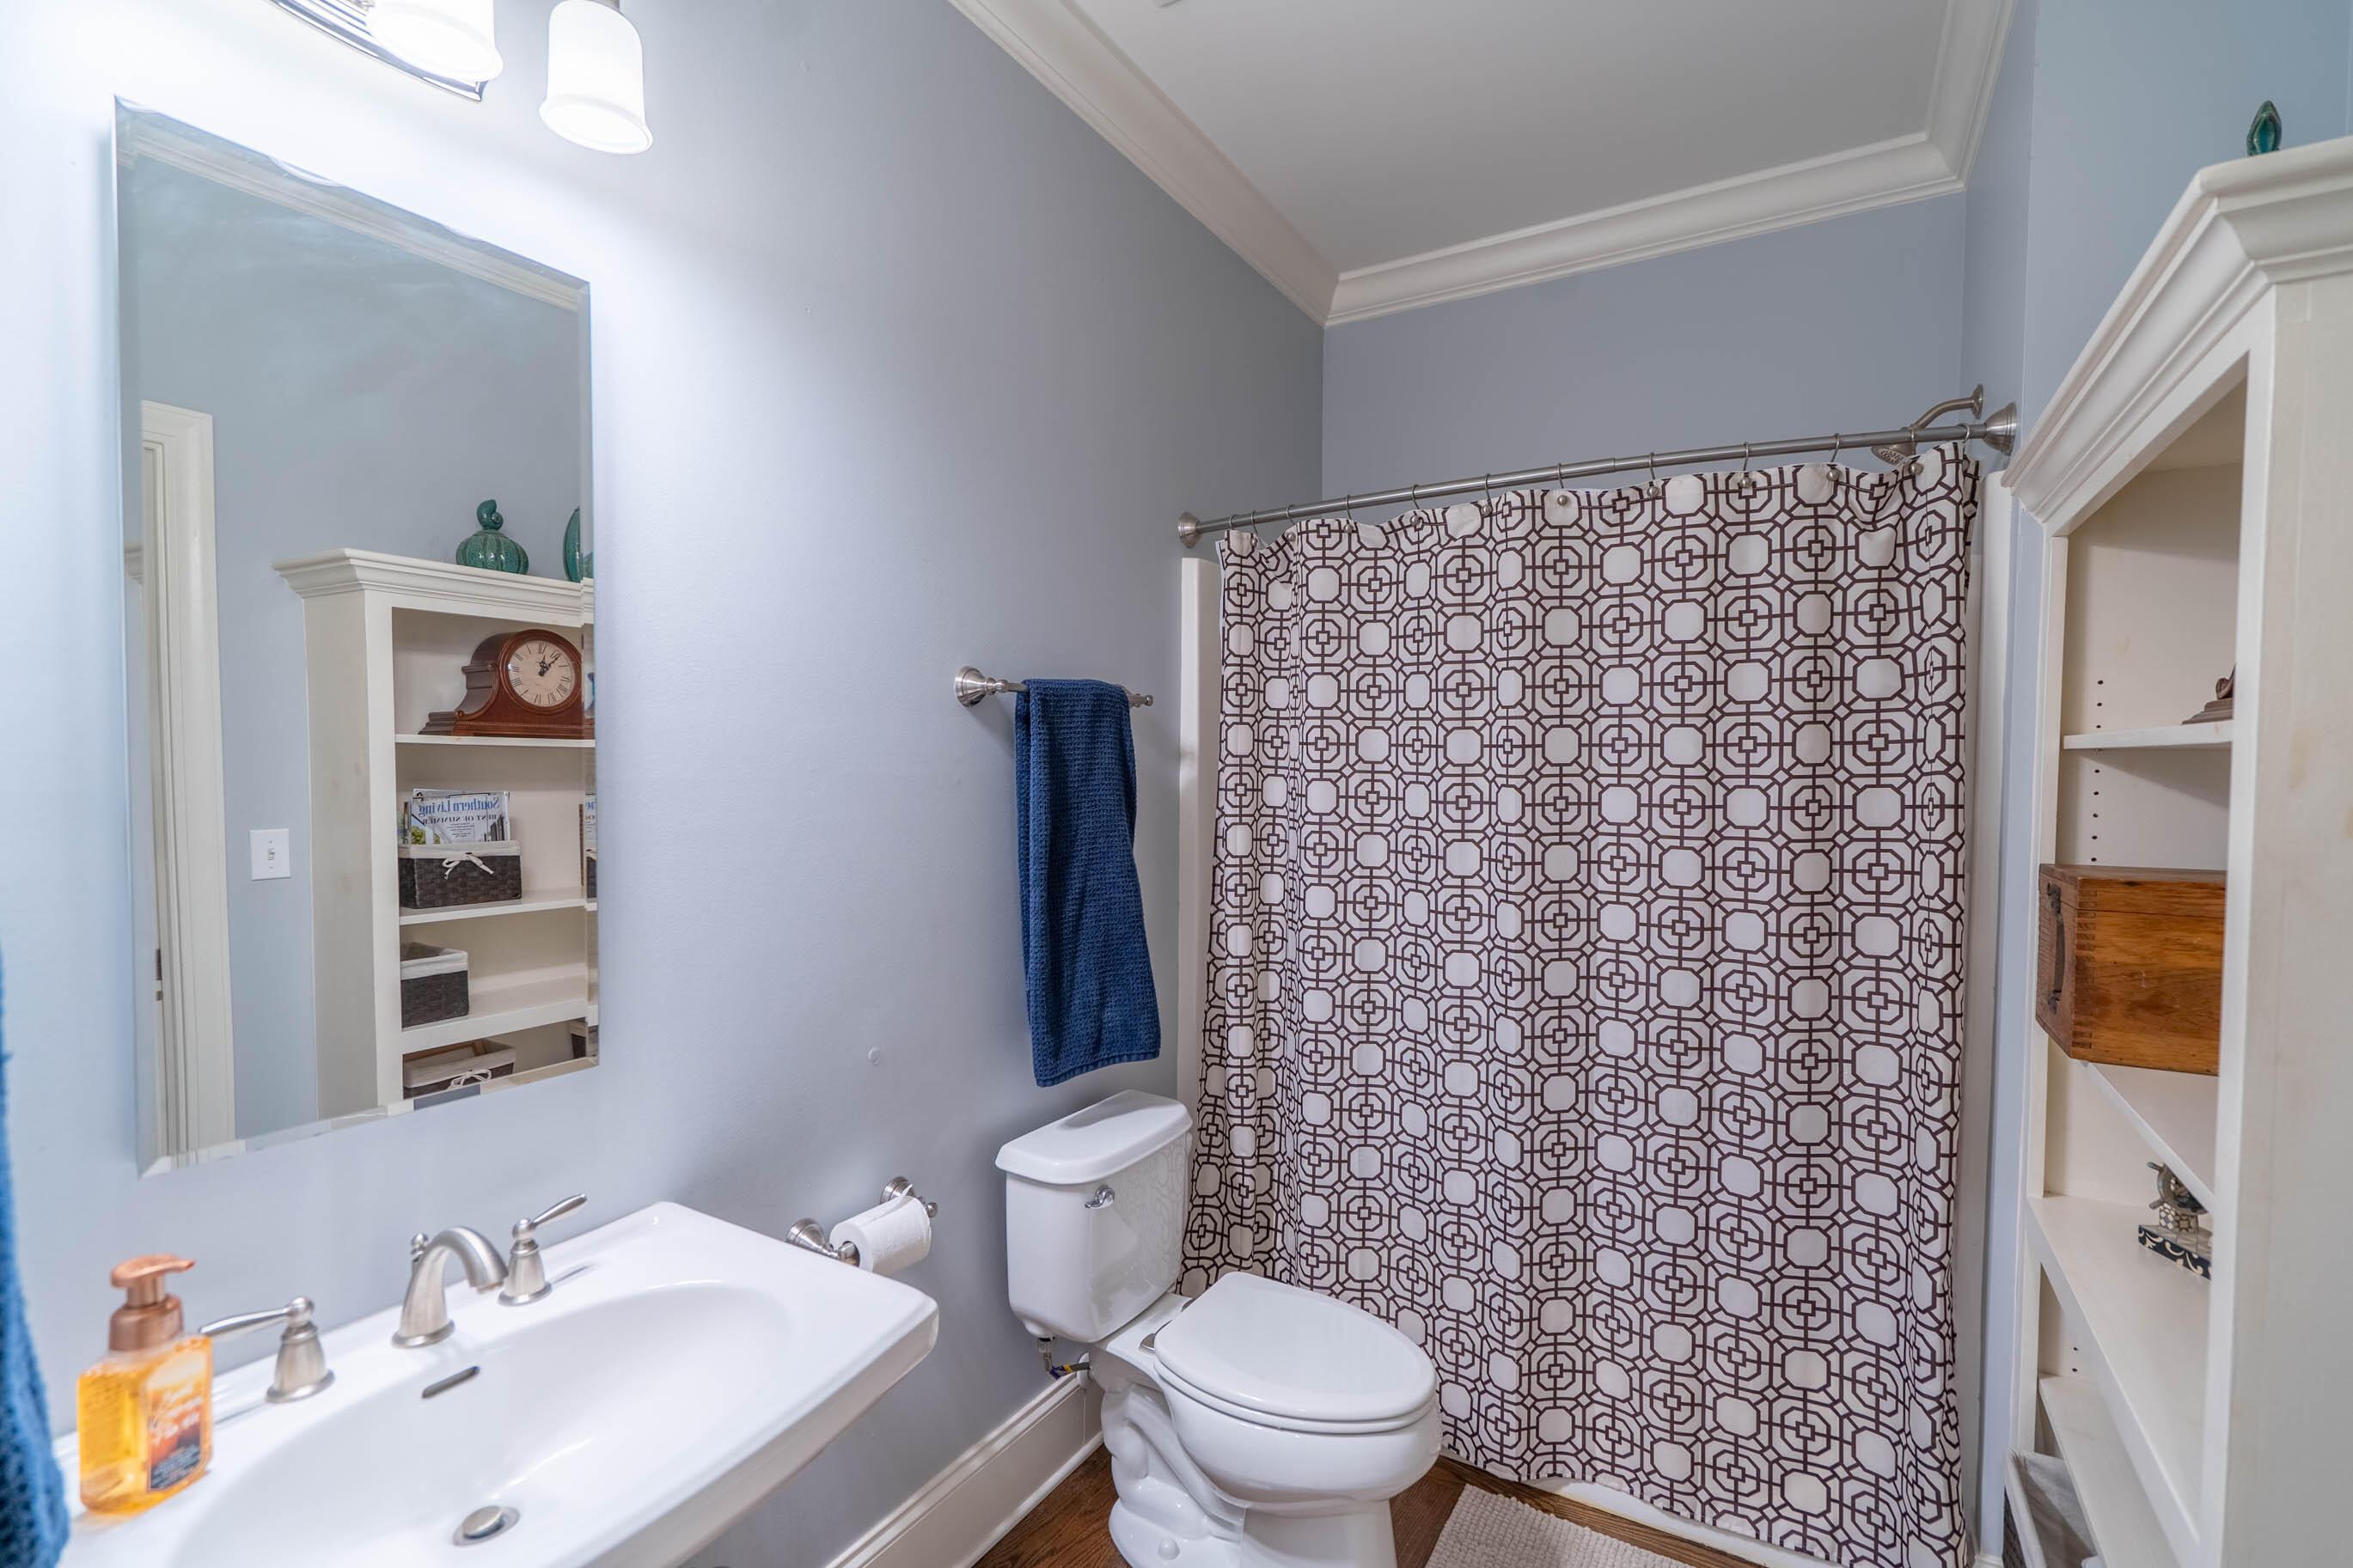 Dunes West Homes For Sale - 2997 Sturbridge, Mount Pleasant, SC - 0